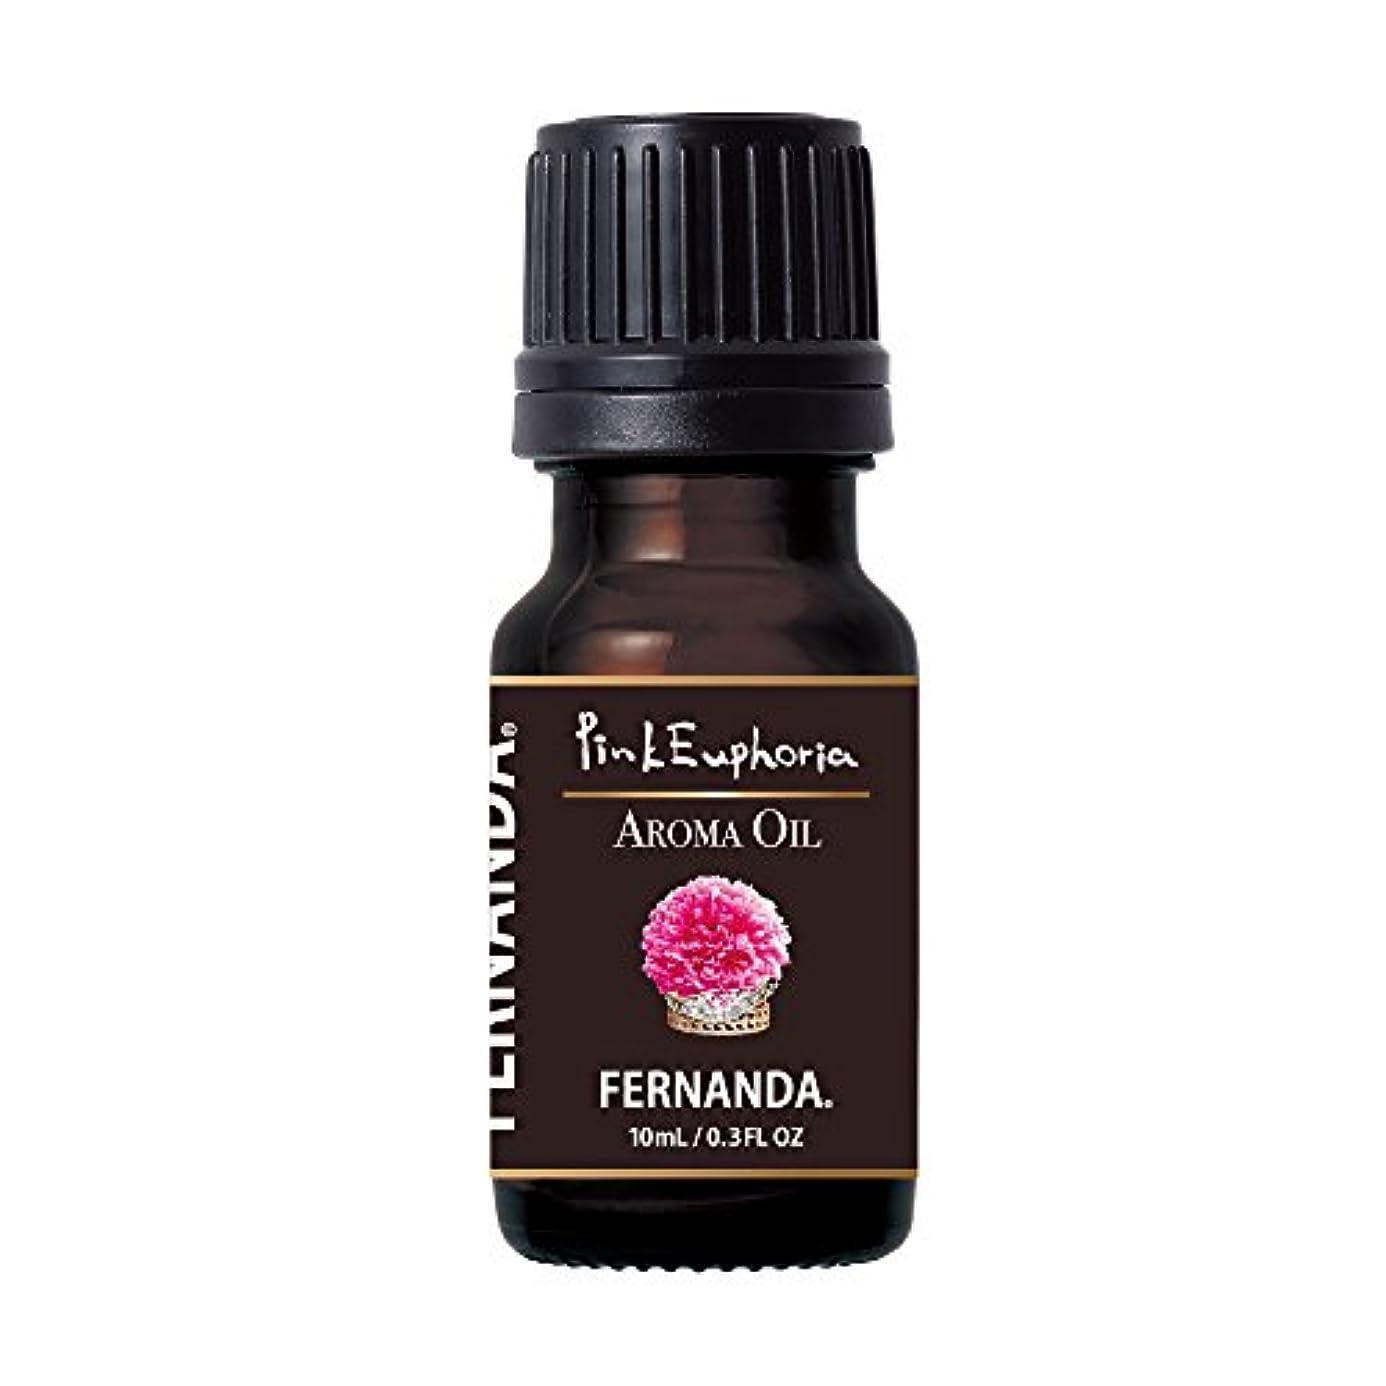 試用影響するサンダーFERNANDA(フェルナンダ) Fragrance Aroma Oil Pink Euphoria (アロマオイル ピンクエウフォリア)